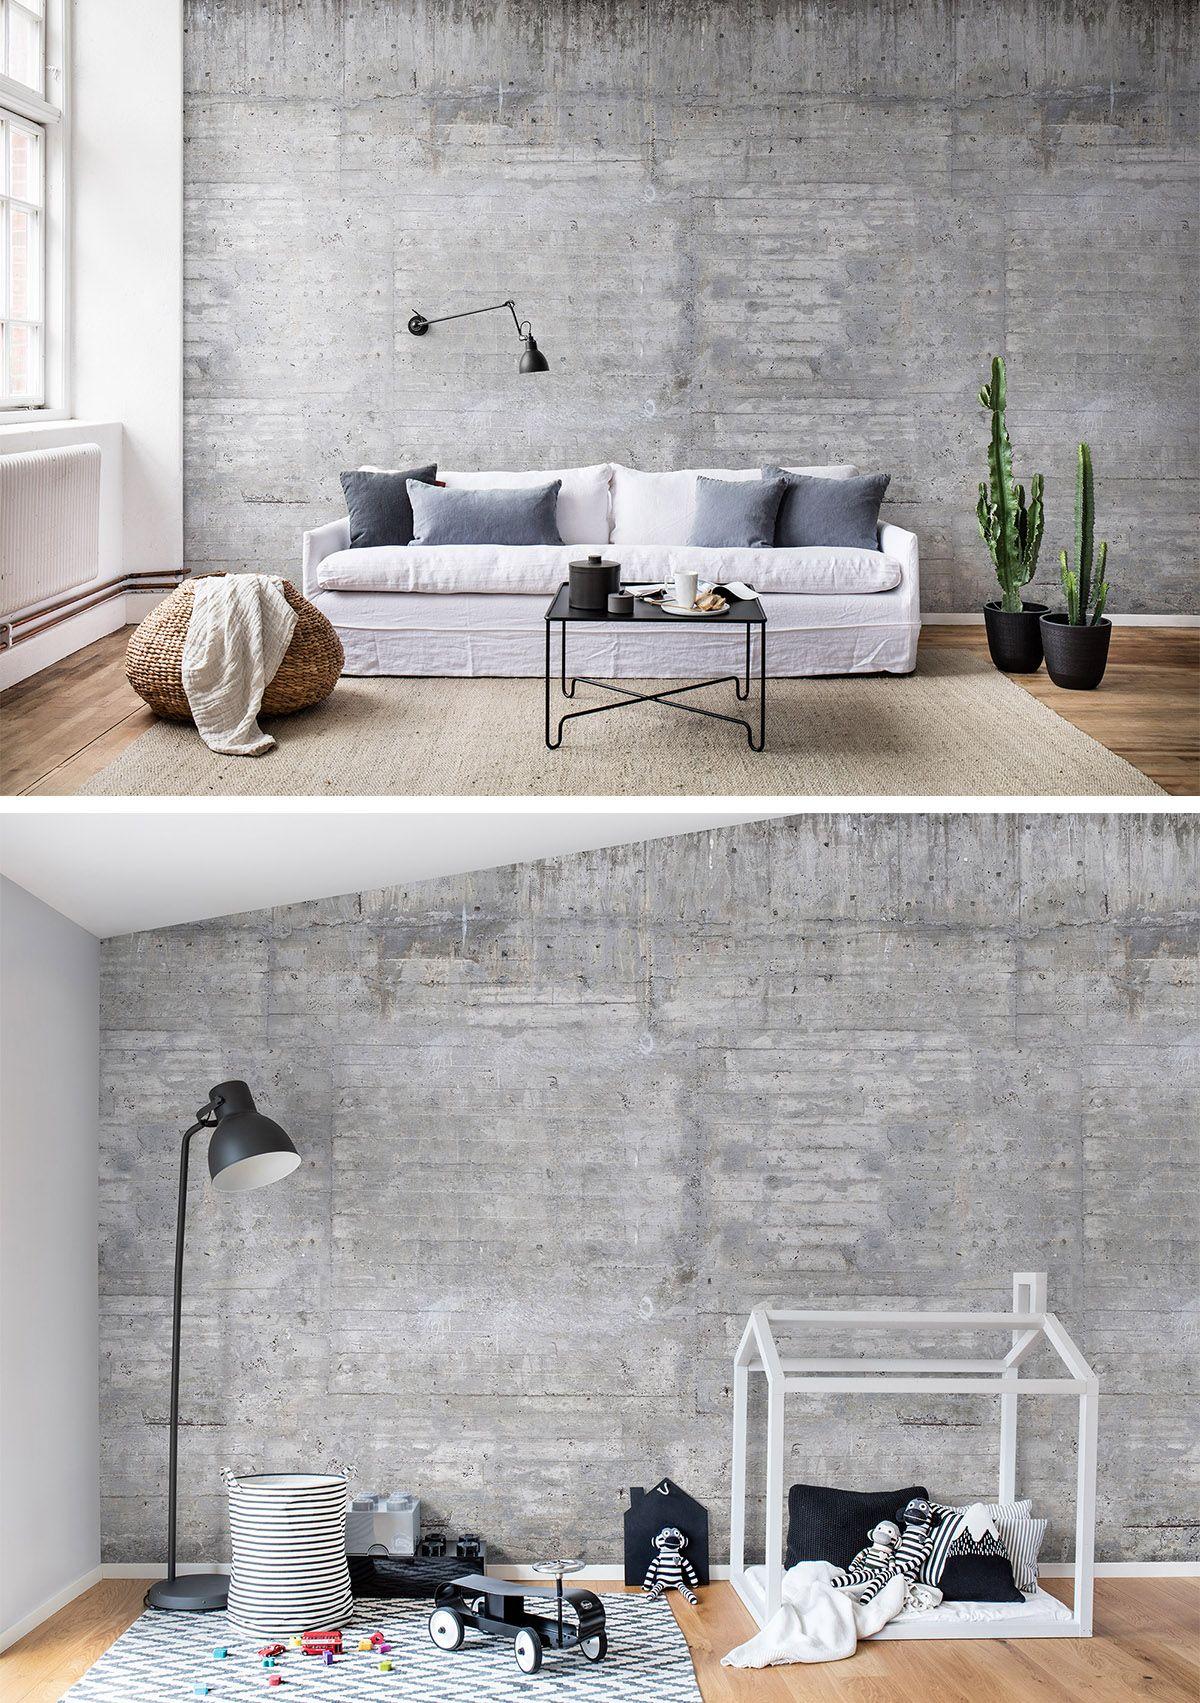 Full Size of Tapeten Wohnzimmer Wooden Concrete In 2020 Wandgestaltung Tapete Komplett Board Schrankwand Sideboard Teppiche Wohnwand Wandtattoo Liege Indirekte Beleuchtung Wohnzimmer Tapeten Wohnzimmer